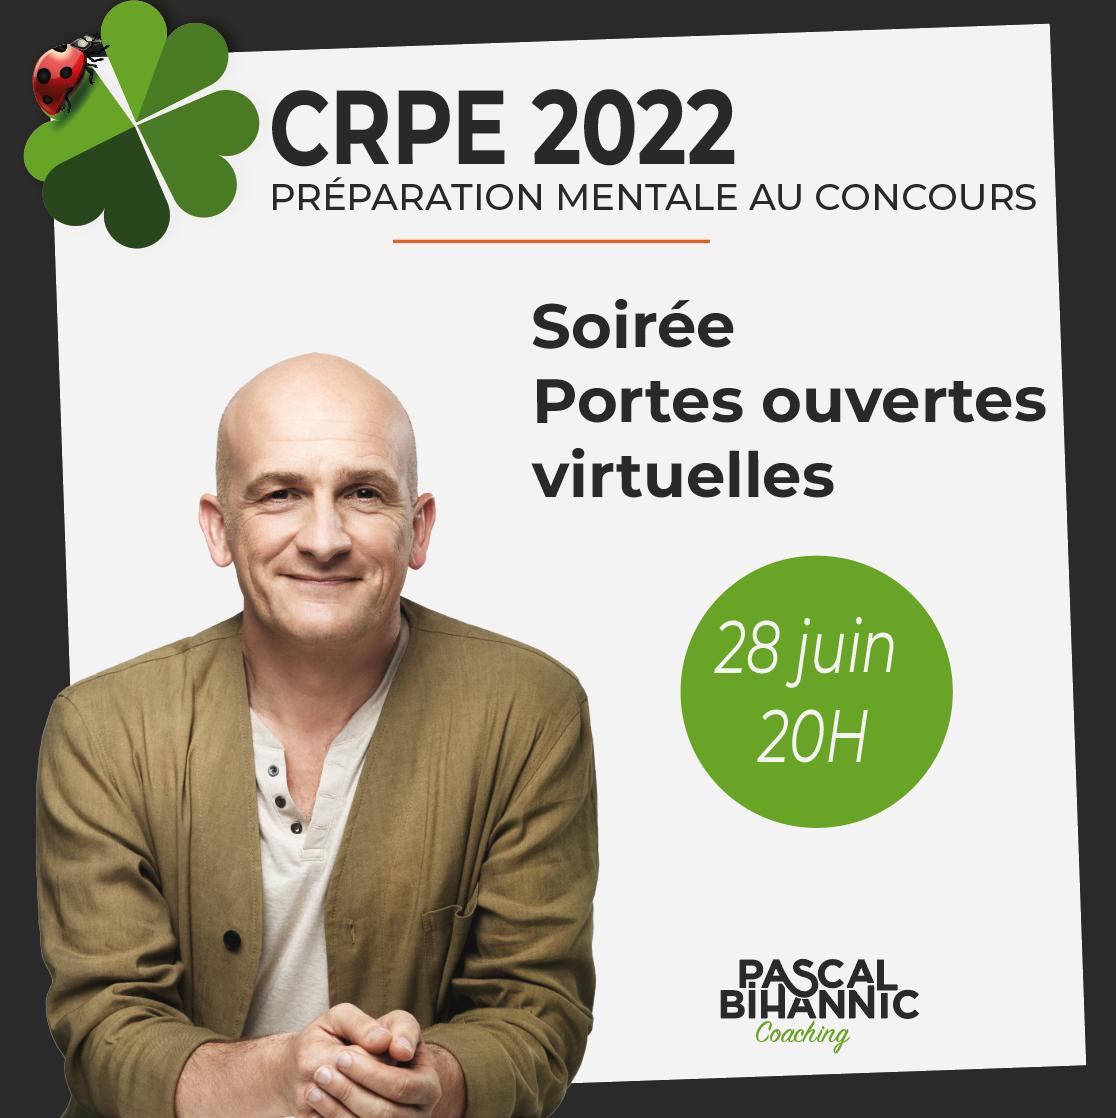 CRPE 2022 Soirée portes ouvertes